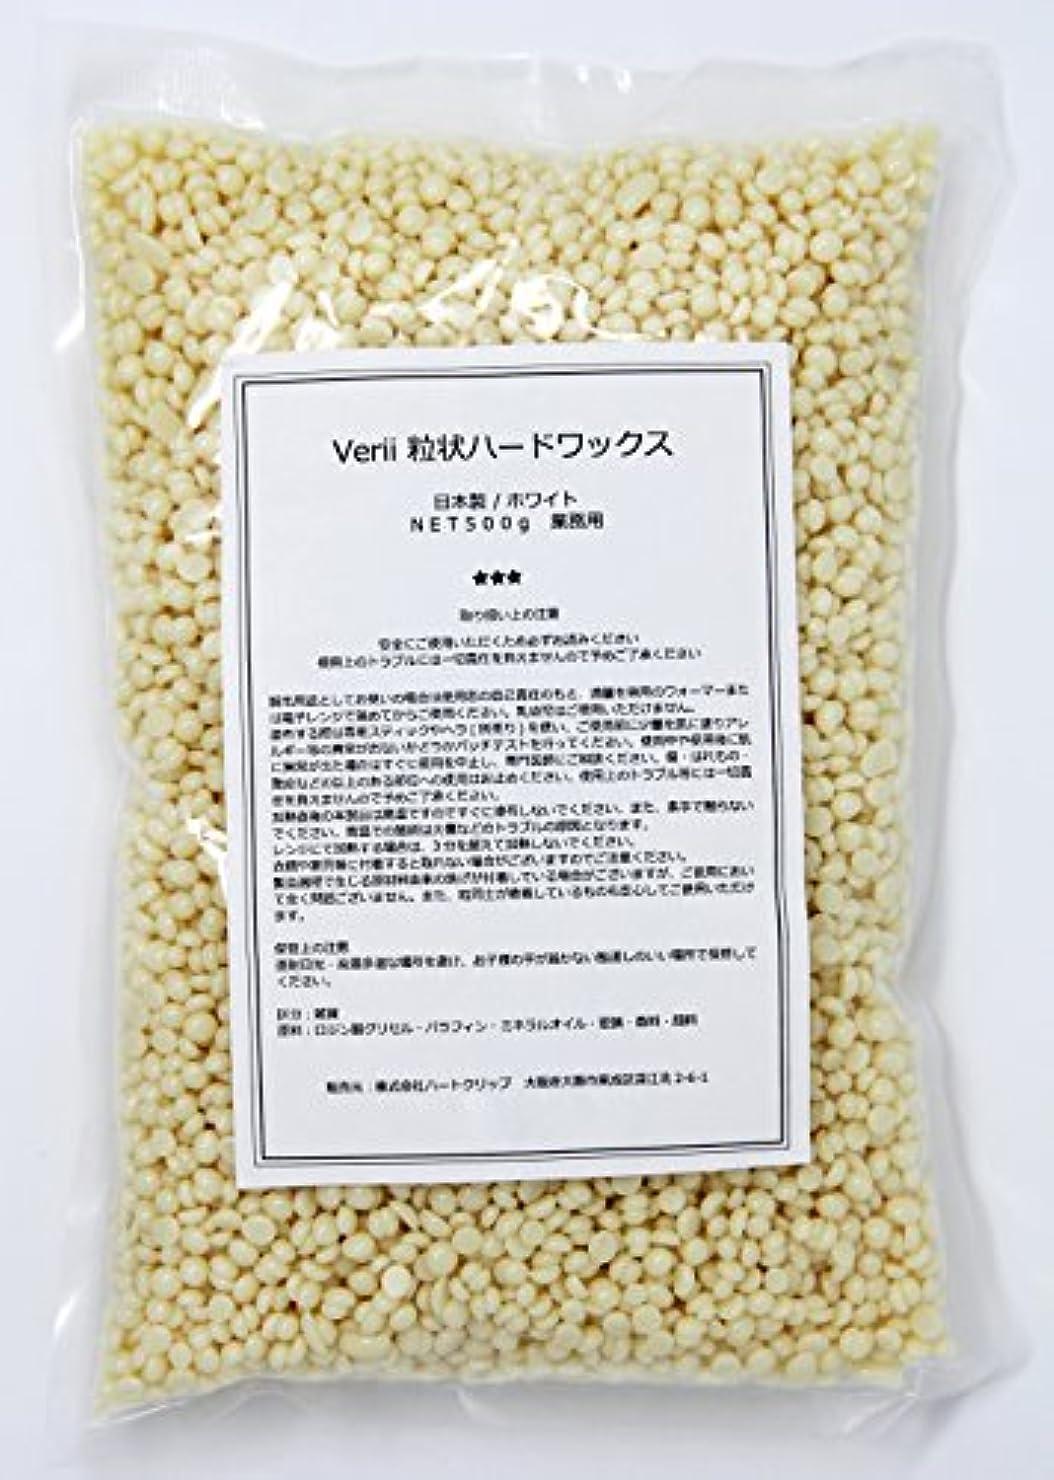 引退した動物園繕うVerii 【鼻毛ワックス】粒状ハードワックス ホワイト (100g)